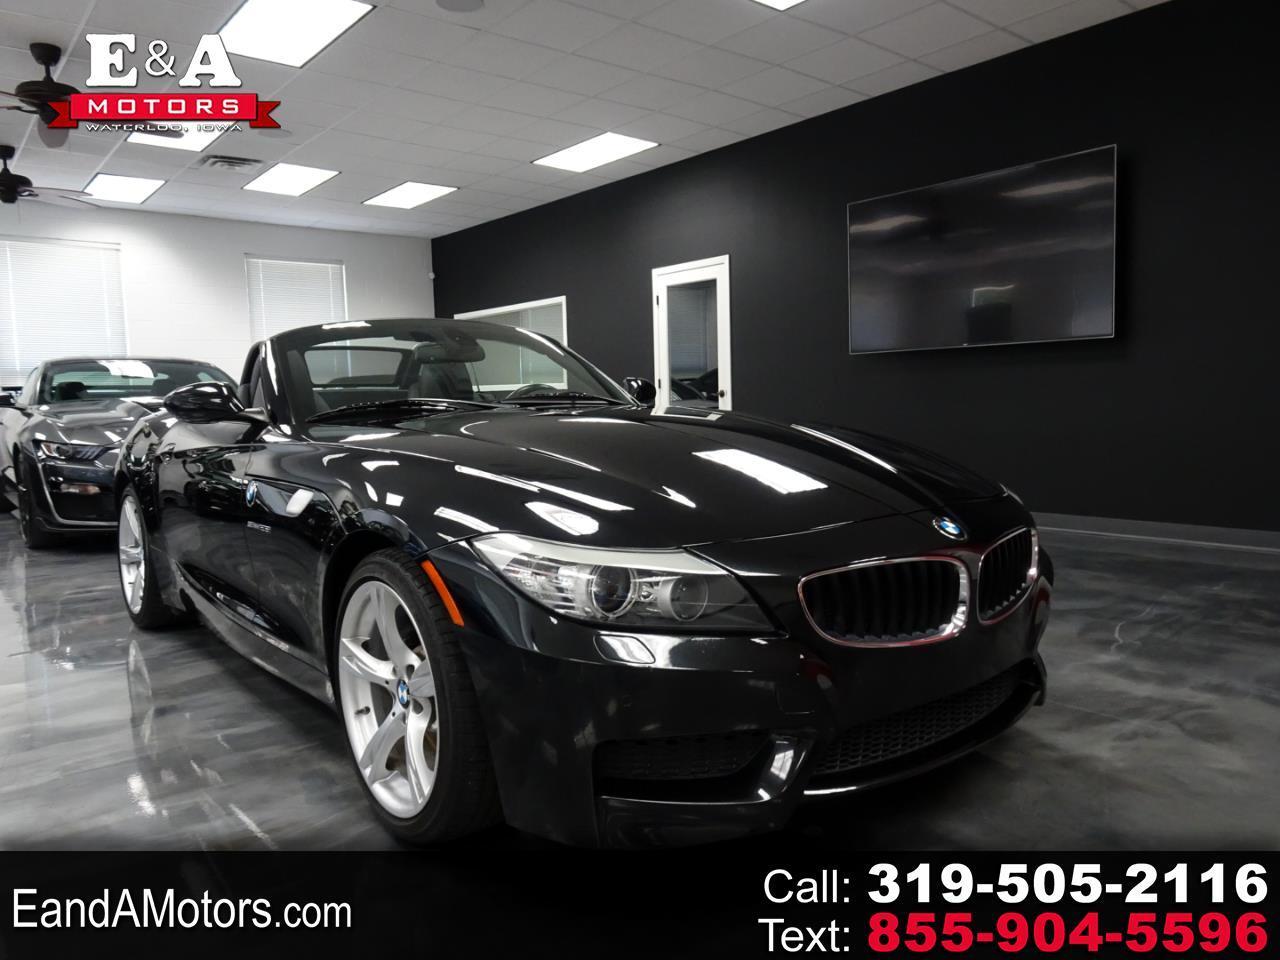 BMW Z4 sDrive28i 2013